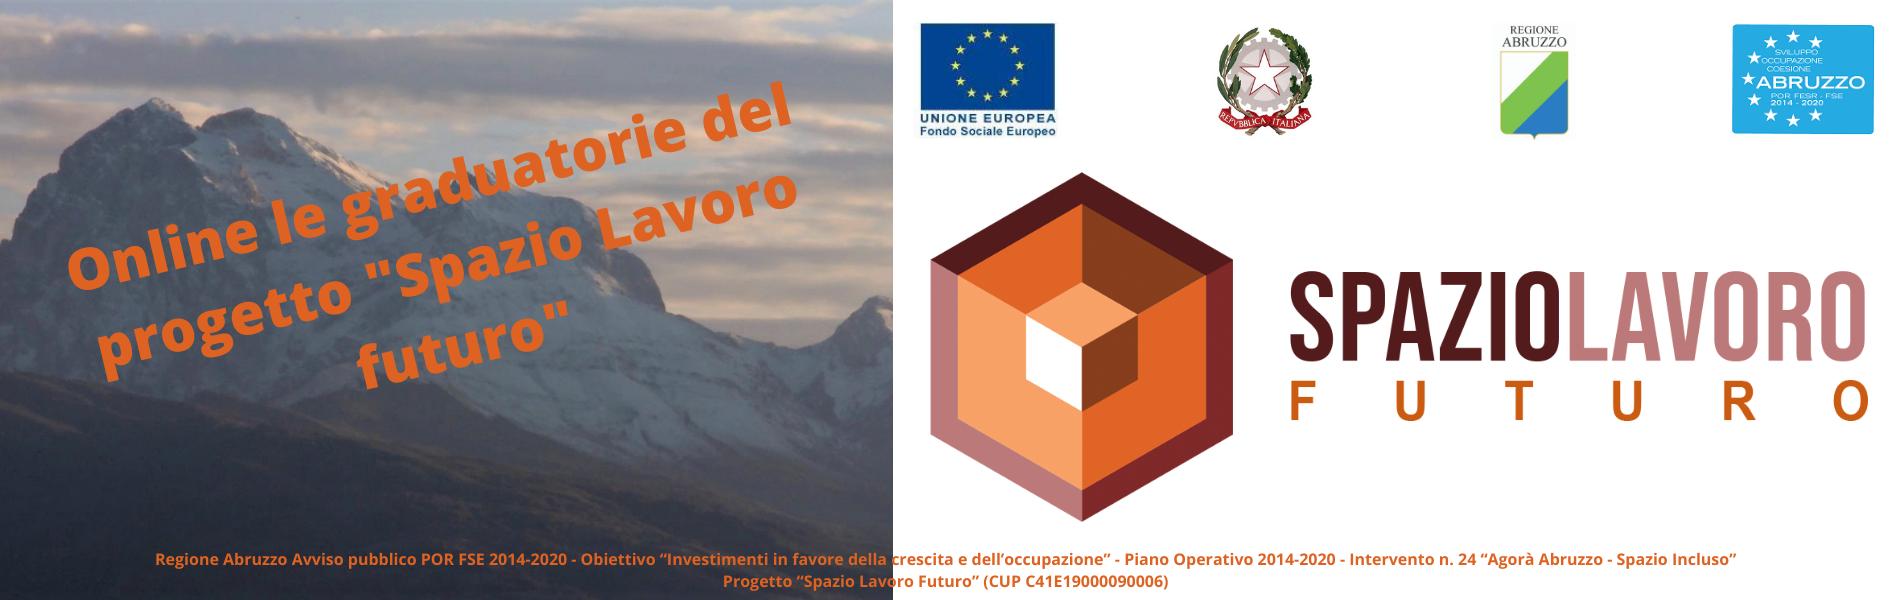 SPAZIO LAVORO FUTURO: Online le graduatorie del progetto